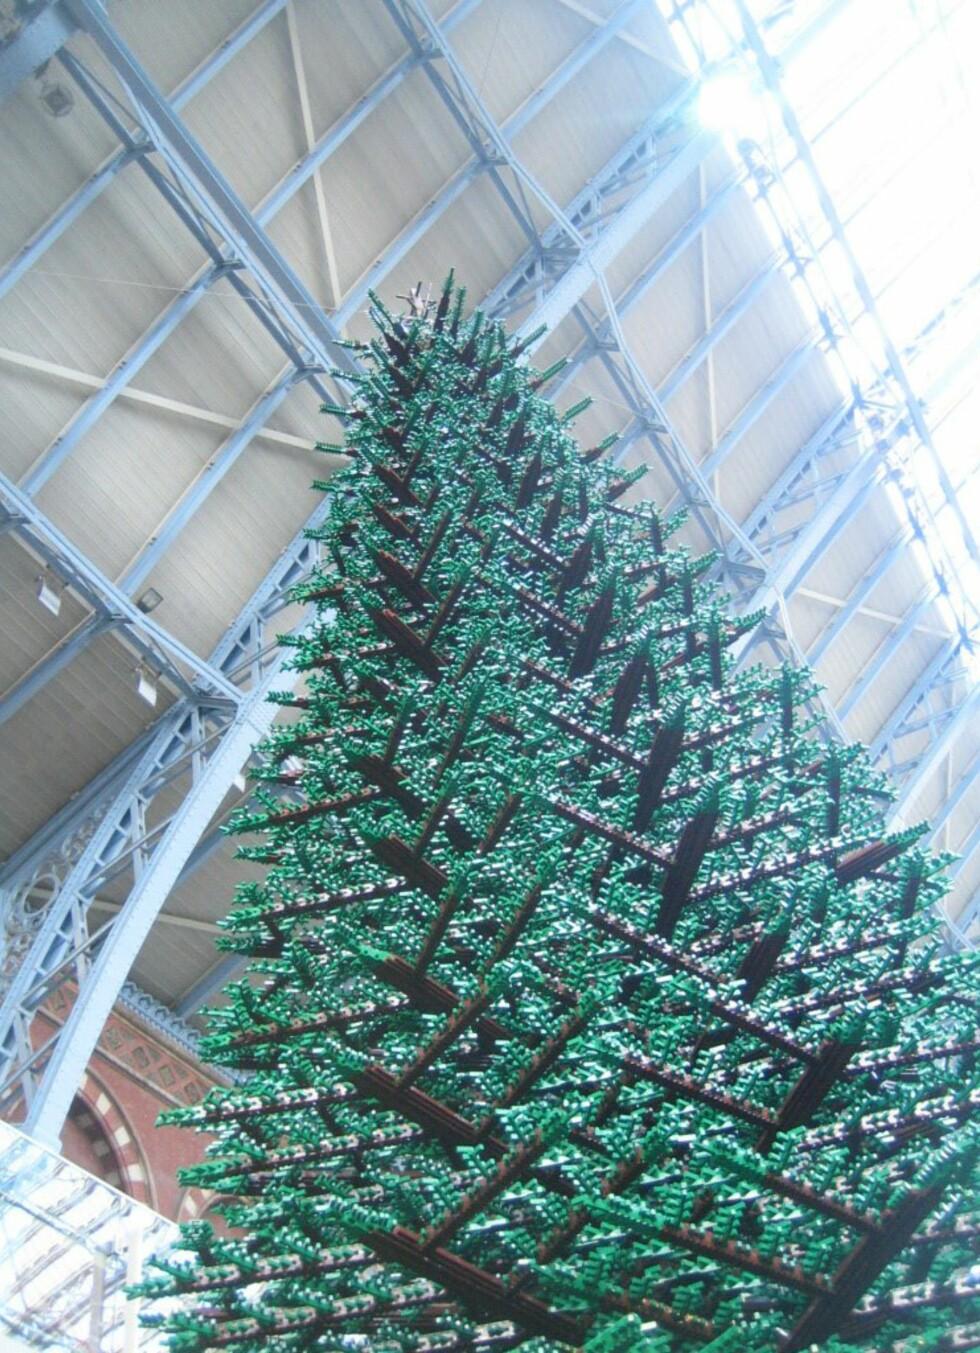 Det 12,2 meter høye treet under bygging. Foto: Lego